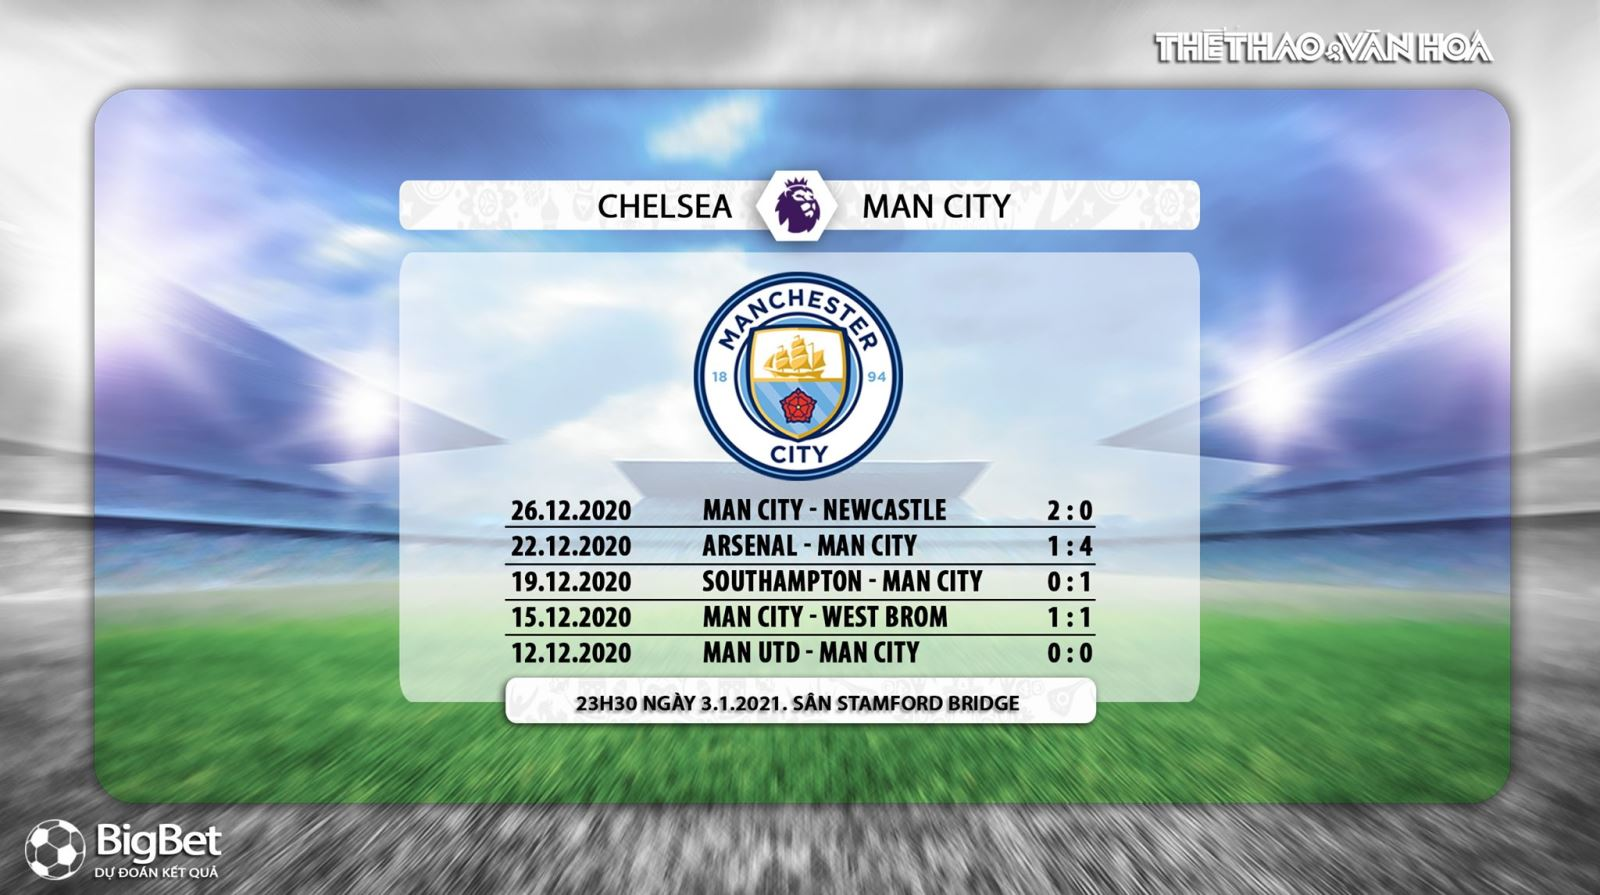 K+, K+PM, Trực tiếp bóng đá Anh hôm nay, Chelsea vs Man City. Kèo nhà cái, xem bóng đá trực tuyến Chelsea đấu với Man City, truc tiep bong da Ngoai hang Anh, Chelsea